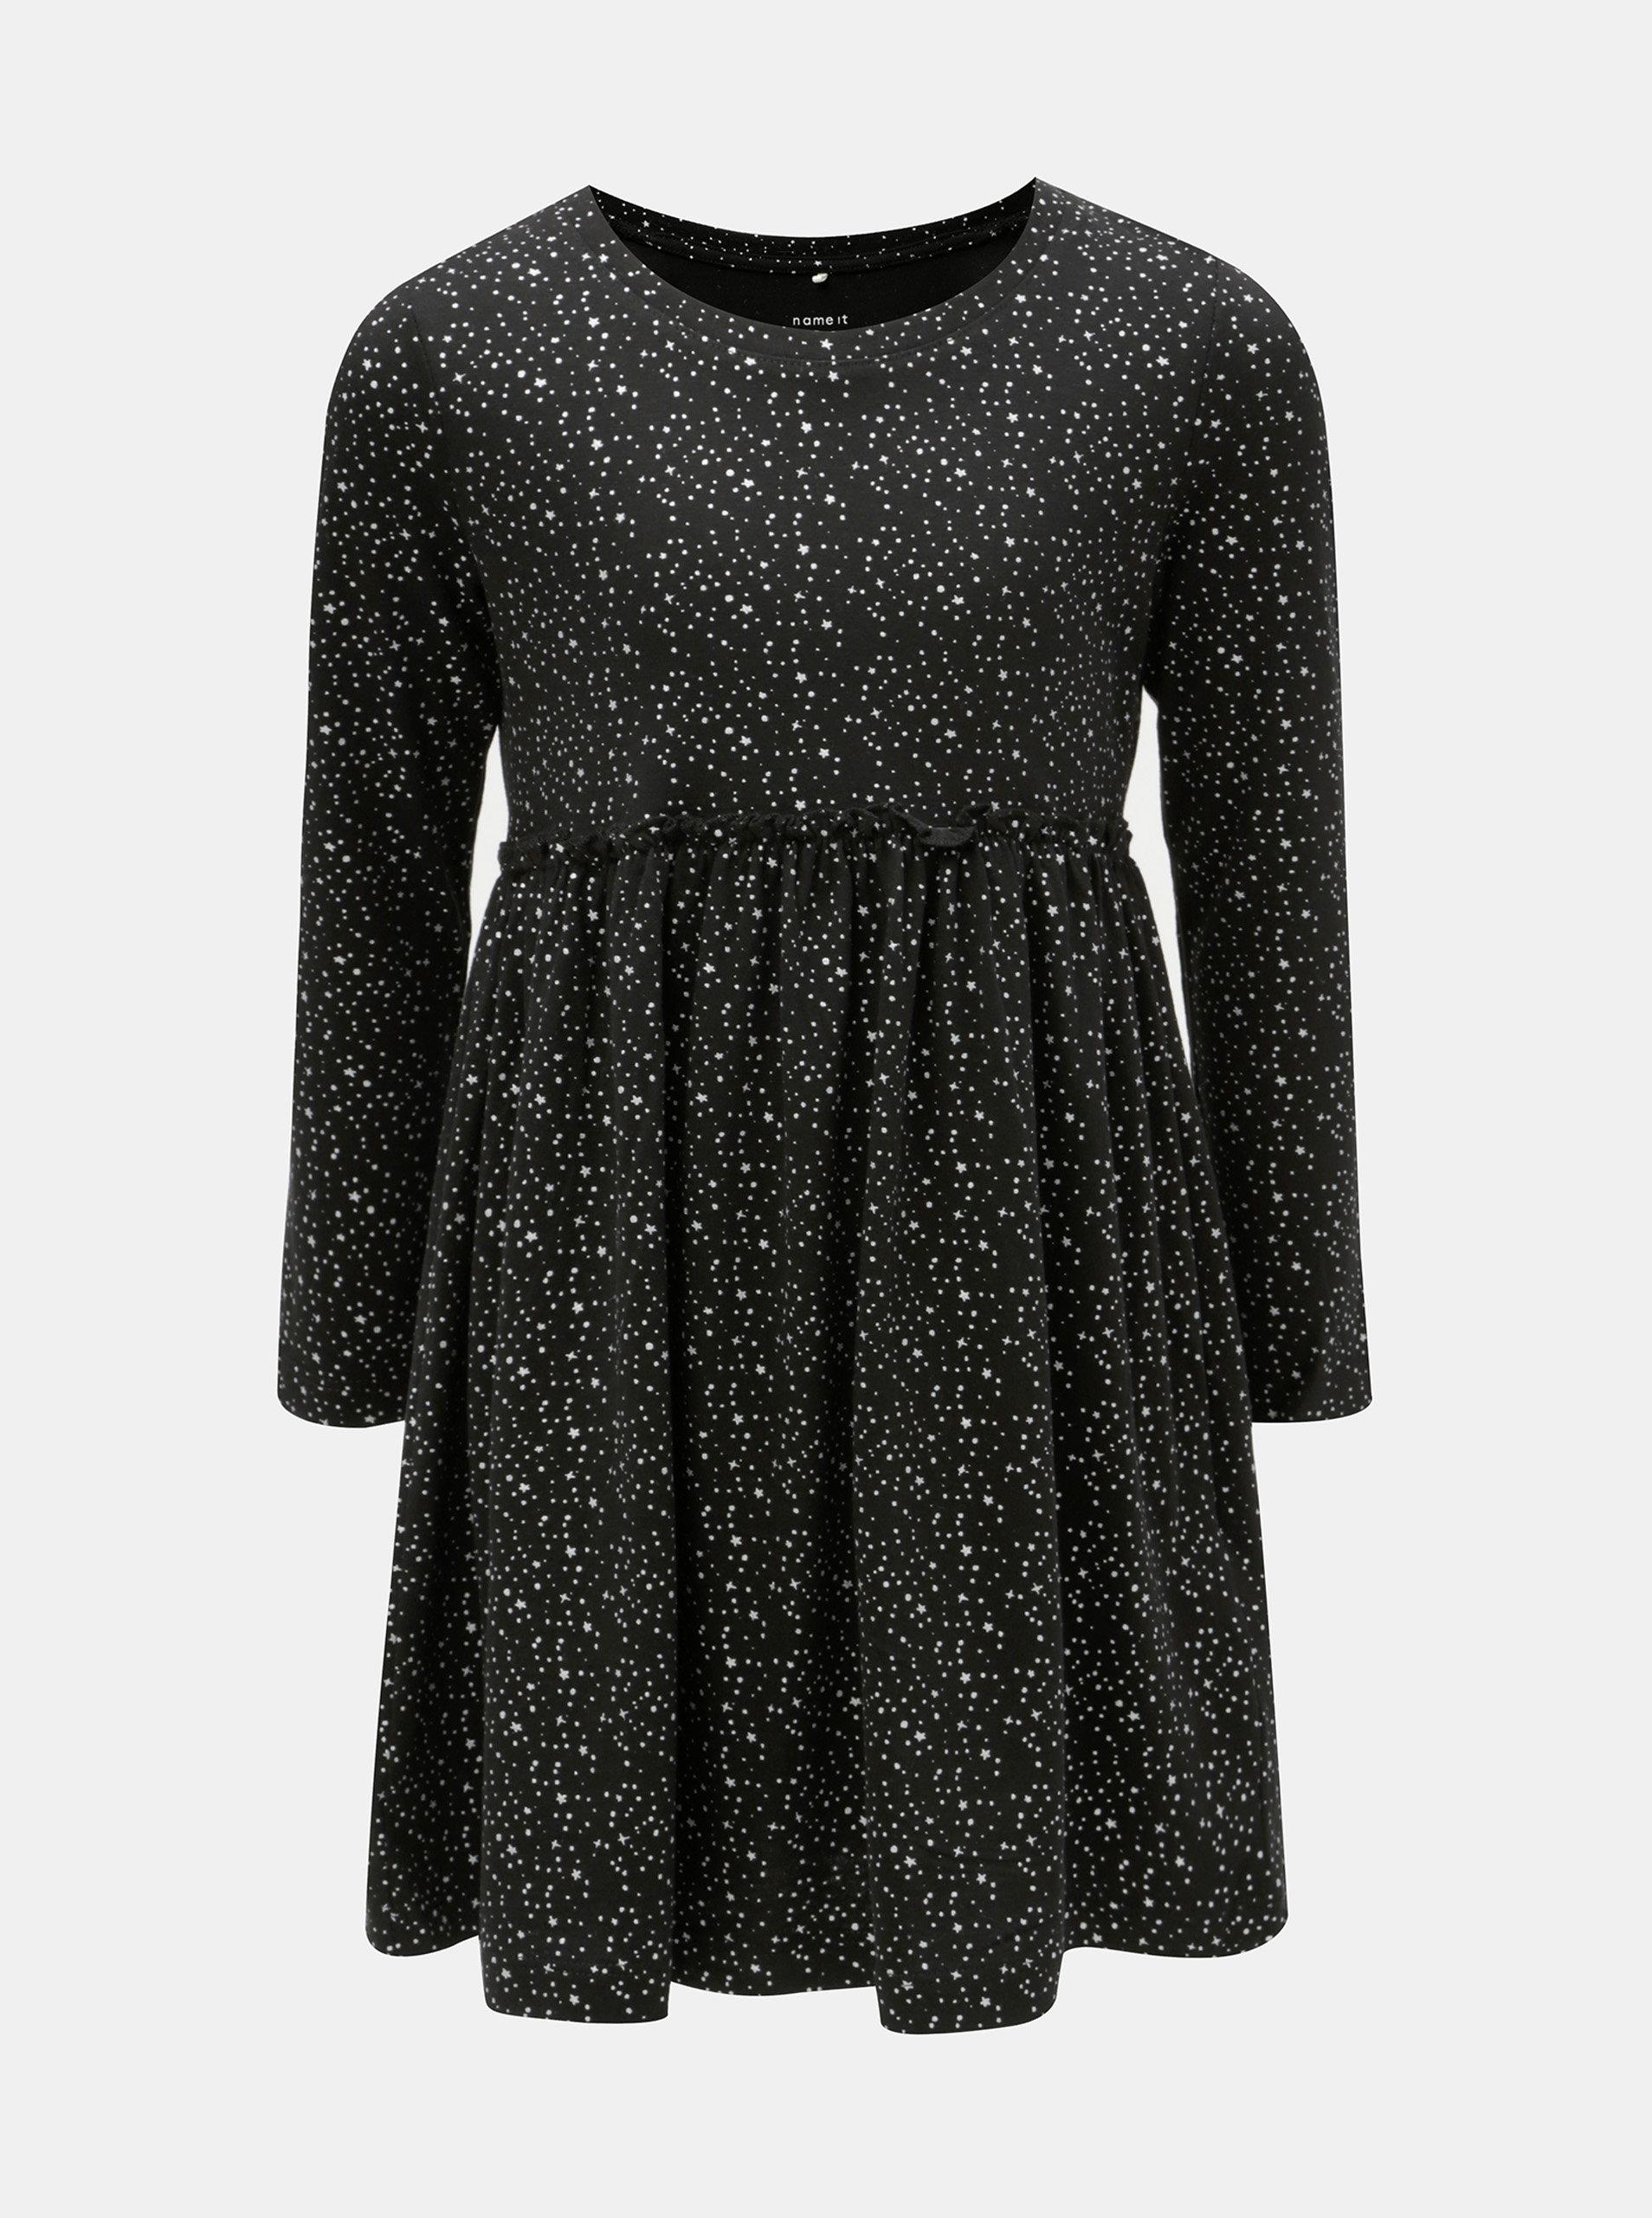 Čierne vzorované šaty s dlhým rukávom Name it Rima ... b12ace159e6